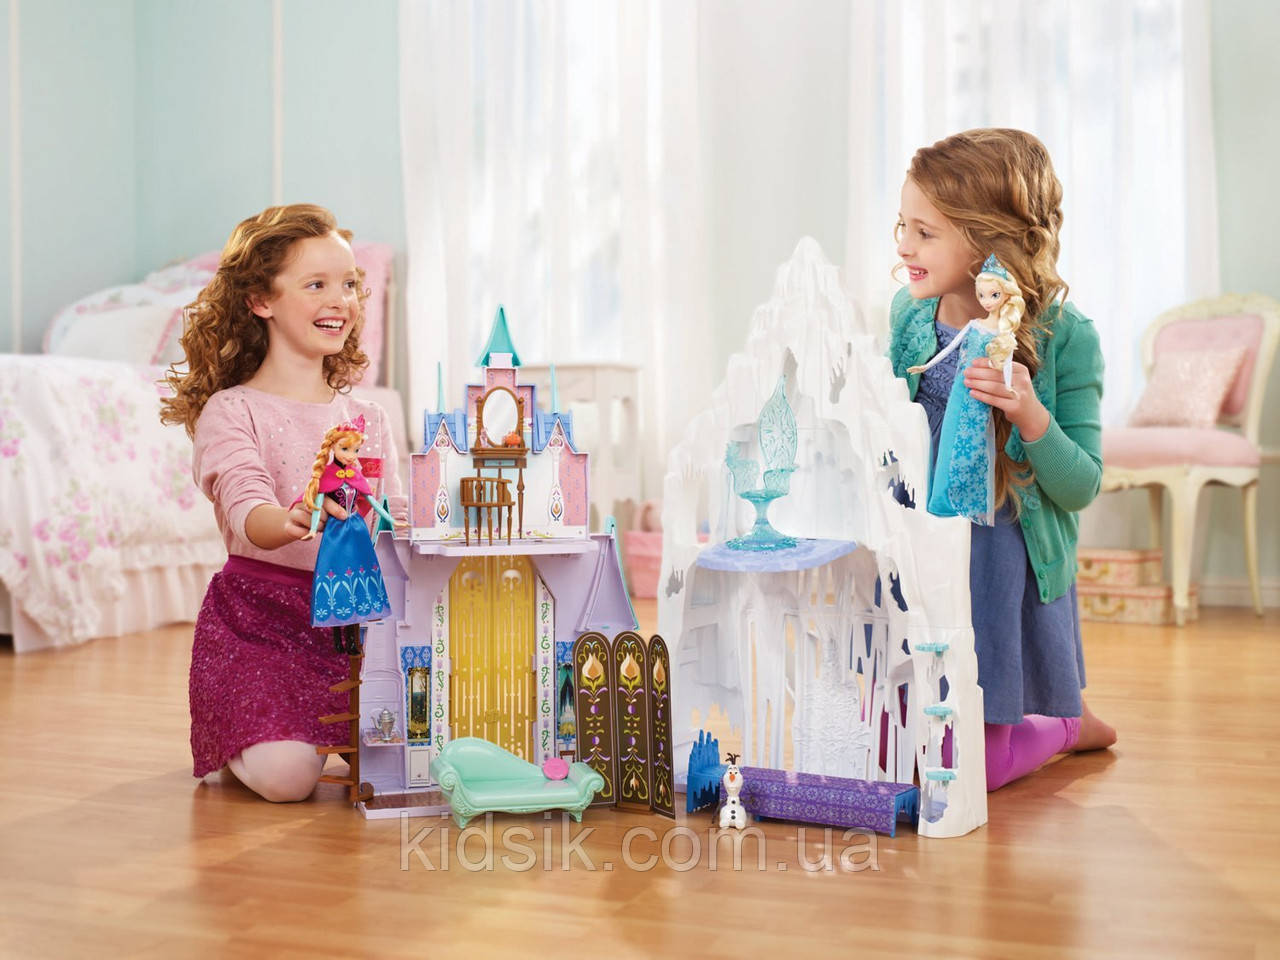 """Игровой набор """"Холодное сердце"""" 2 в 1 - Замок и Ледяной дворец, фото 1"""